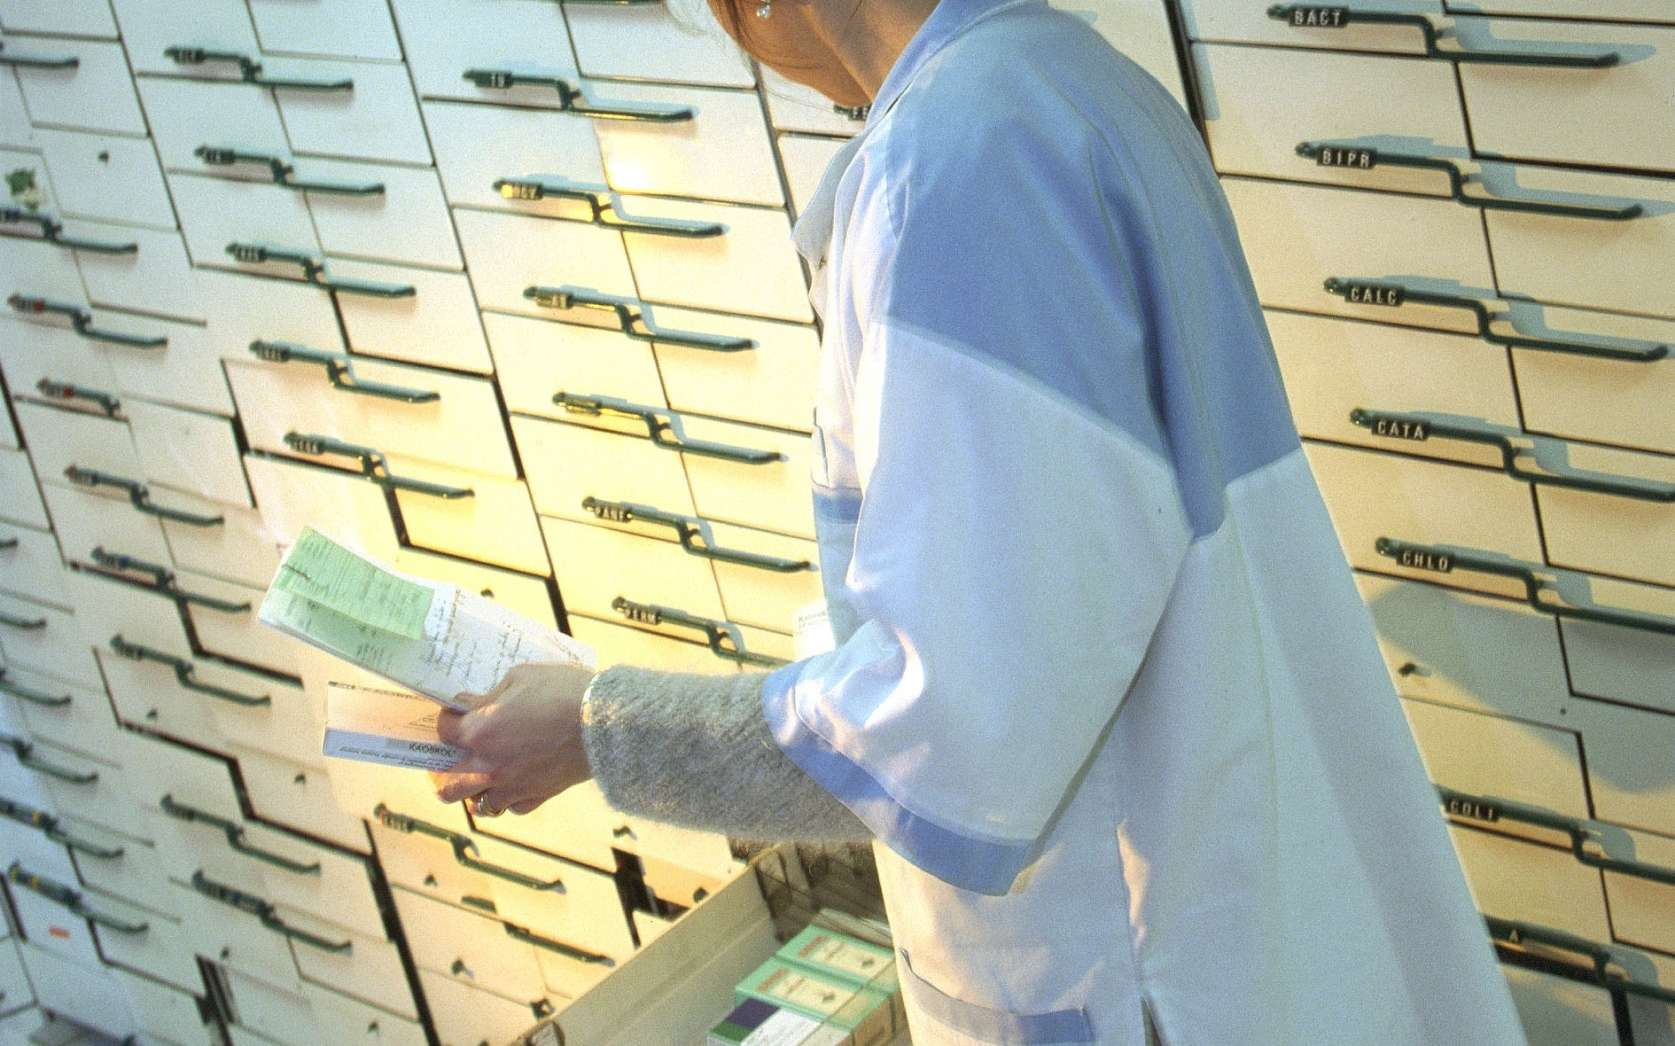 Les sulfamides sont les médicaments les plus anciennement utilisés dans le traitement du diabète. © phovoir